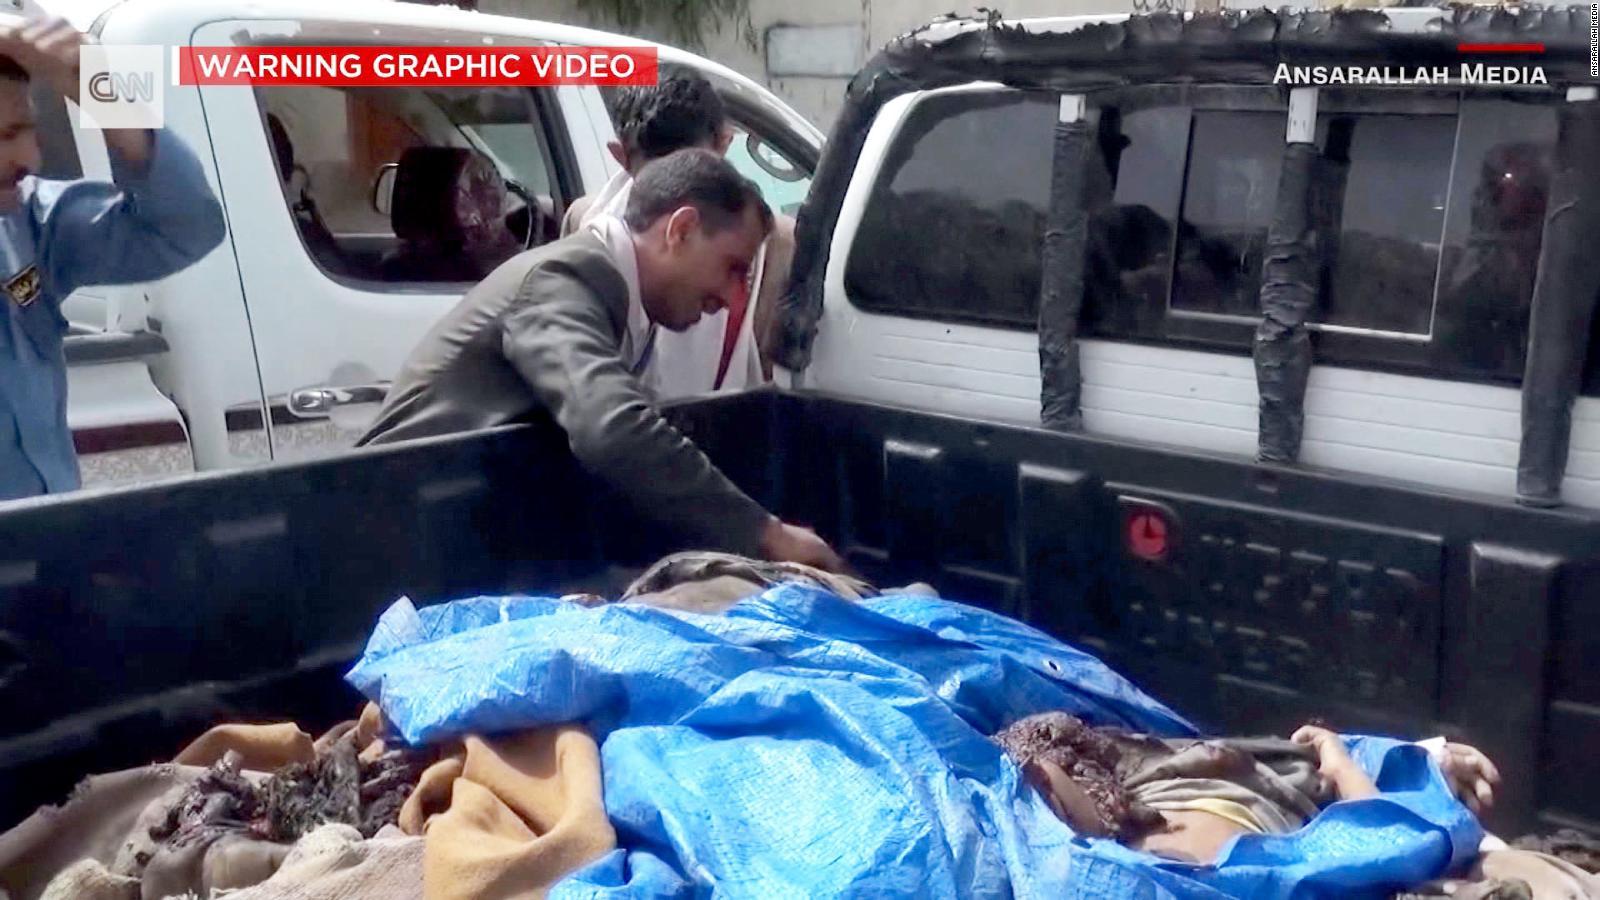 c186019b577a1b Bomb in Yemen school bus strike was US-supplied - CNN